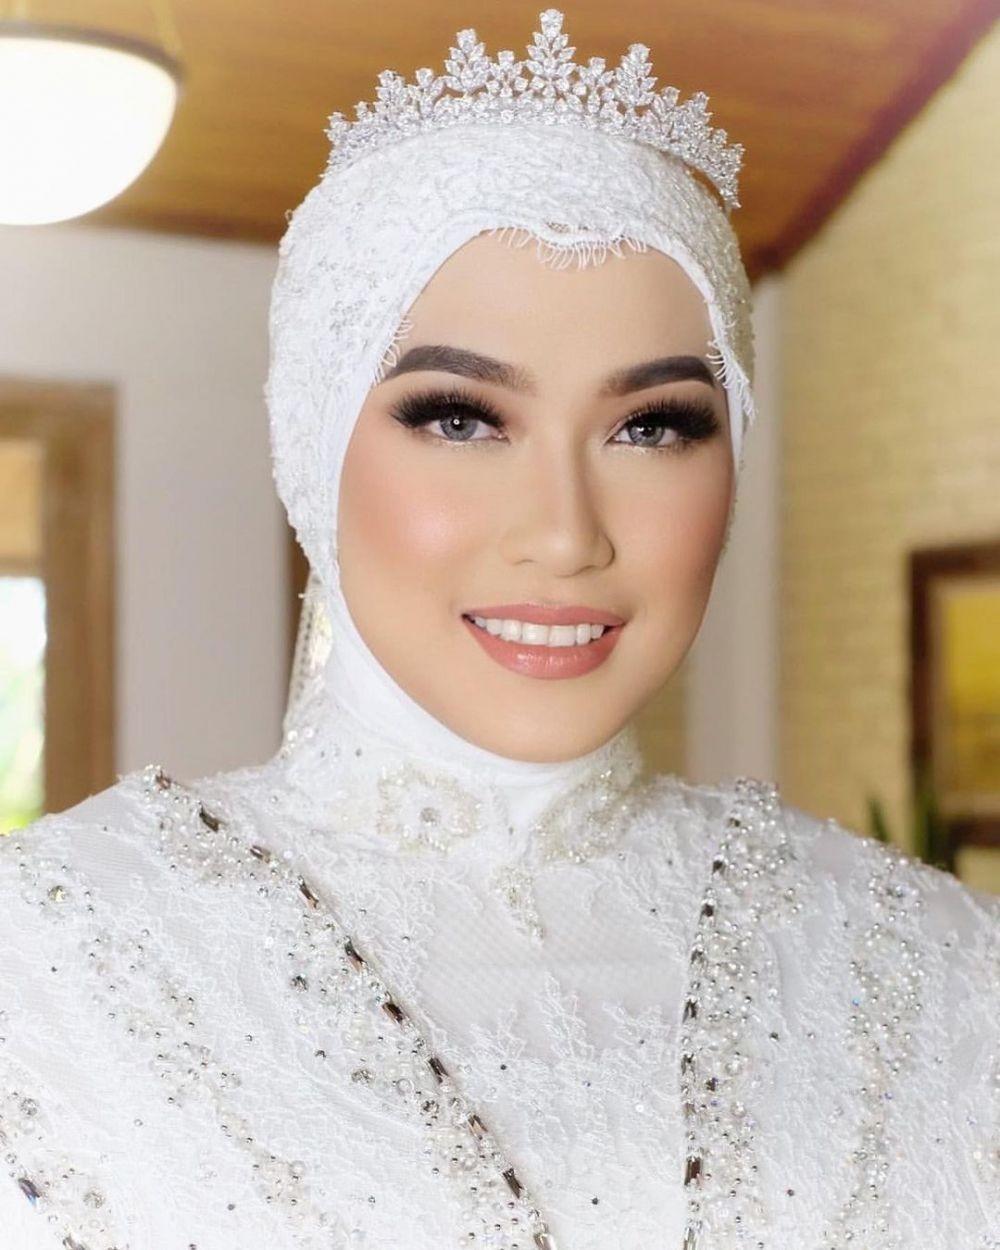 9 Gaya Makeup Pengantin yang Populer di Kalangan Hijabers, Menawan!